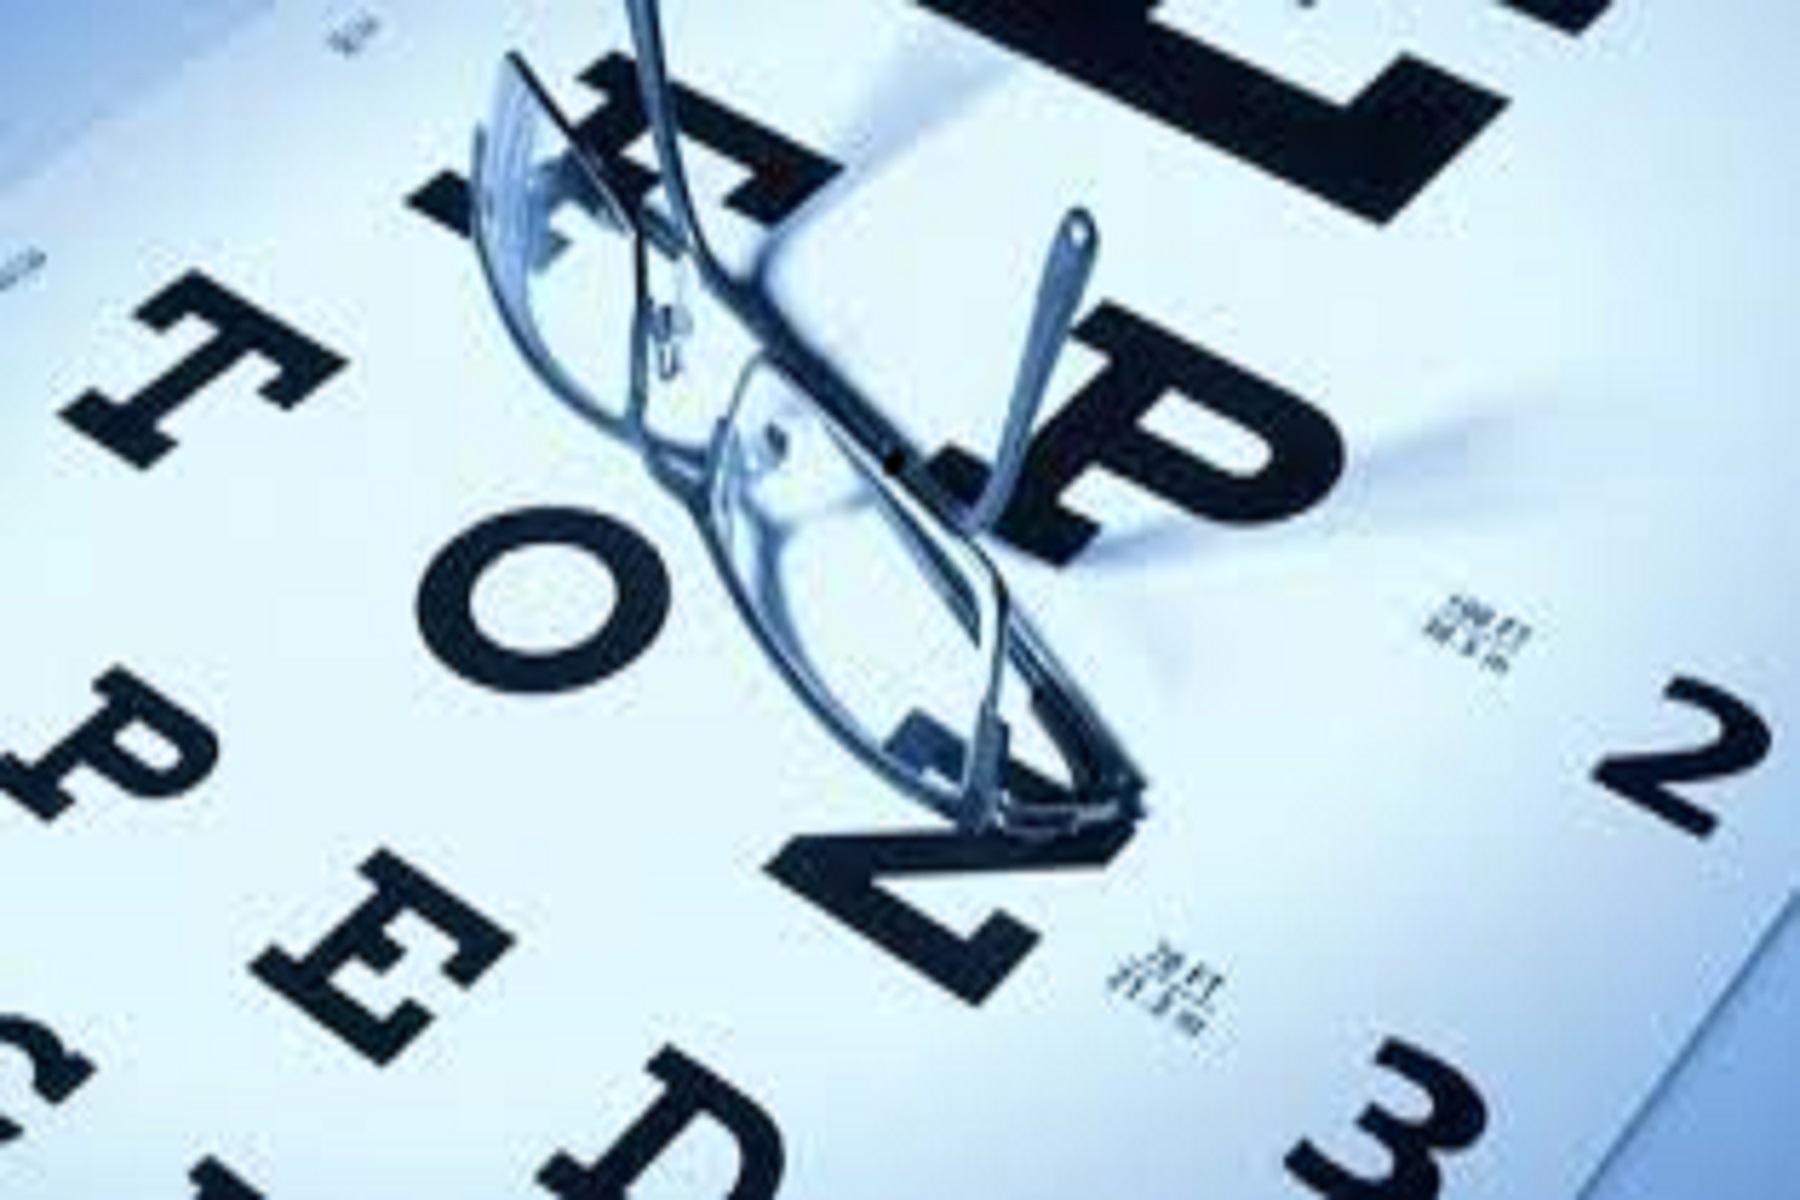 Όραση Βελτίωση: Καινοτόμα γονιδιακή θεραπεία επαναφέρει τη χαμένη όραση